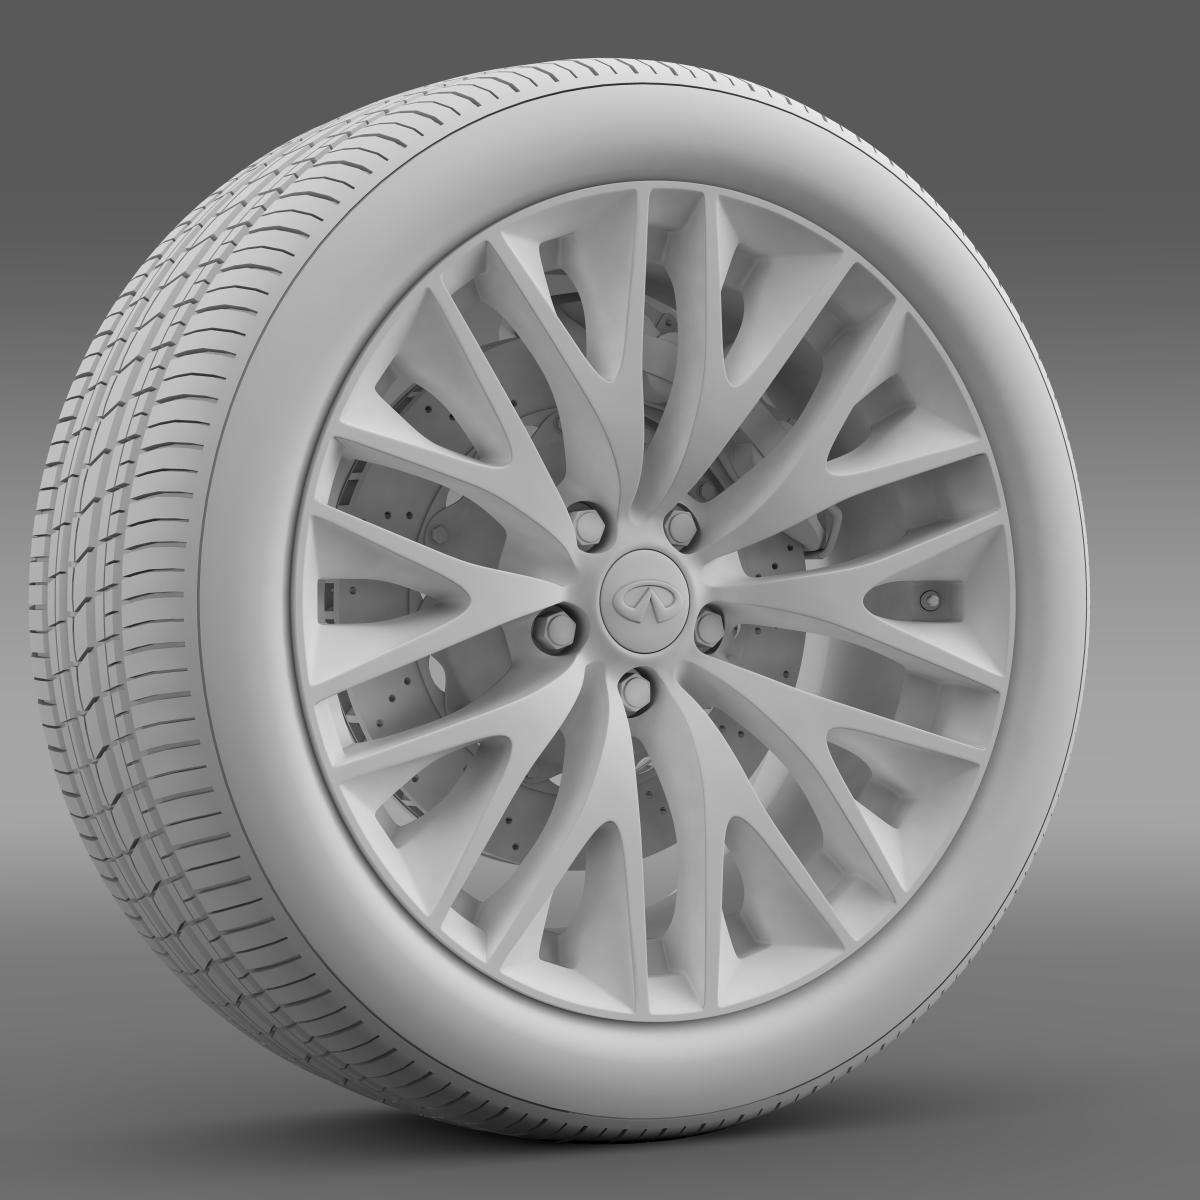 infinity ml wheel 3d model 3ds max fbx c4d lwo ma mb hrc xsi obj 210705